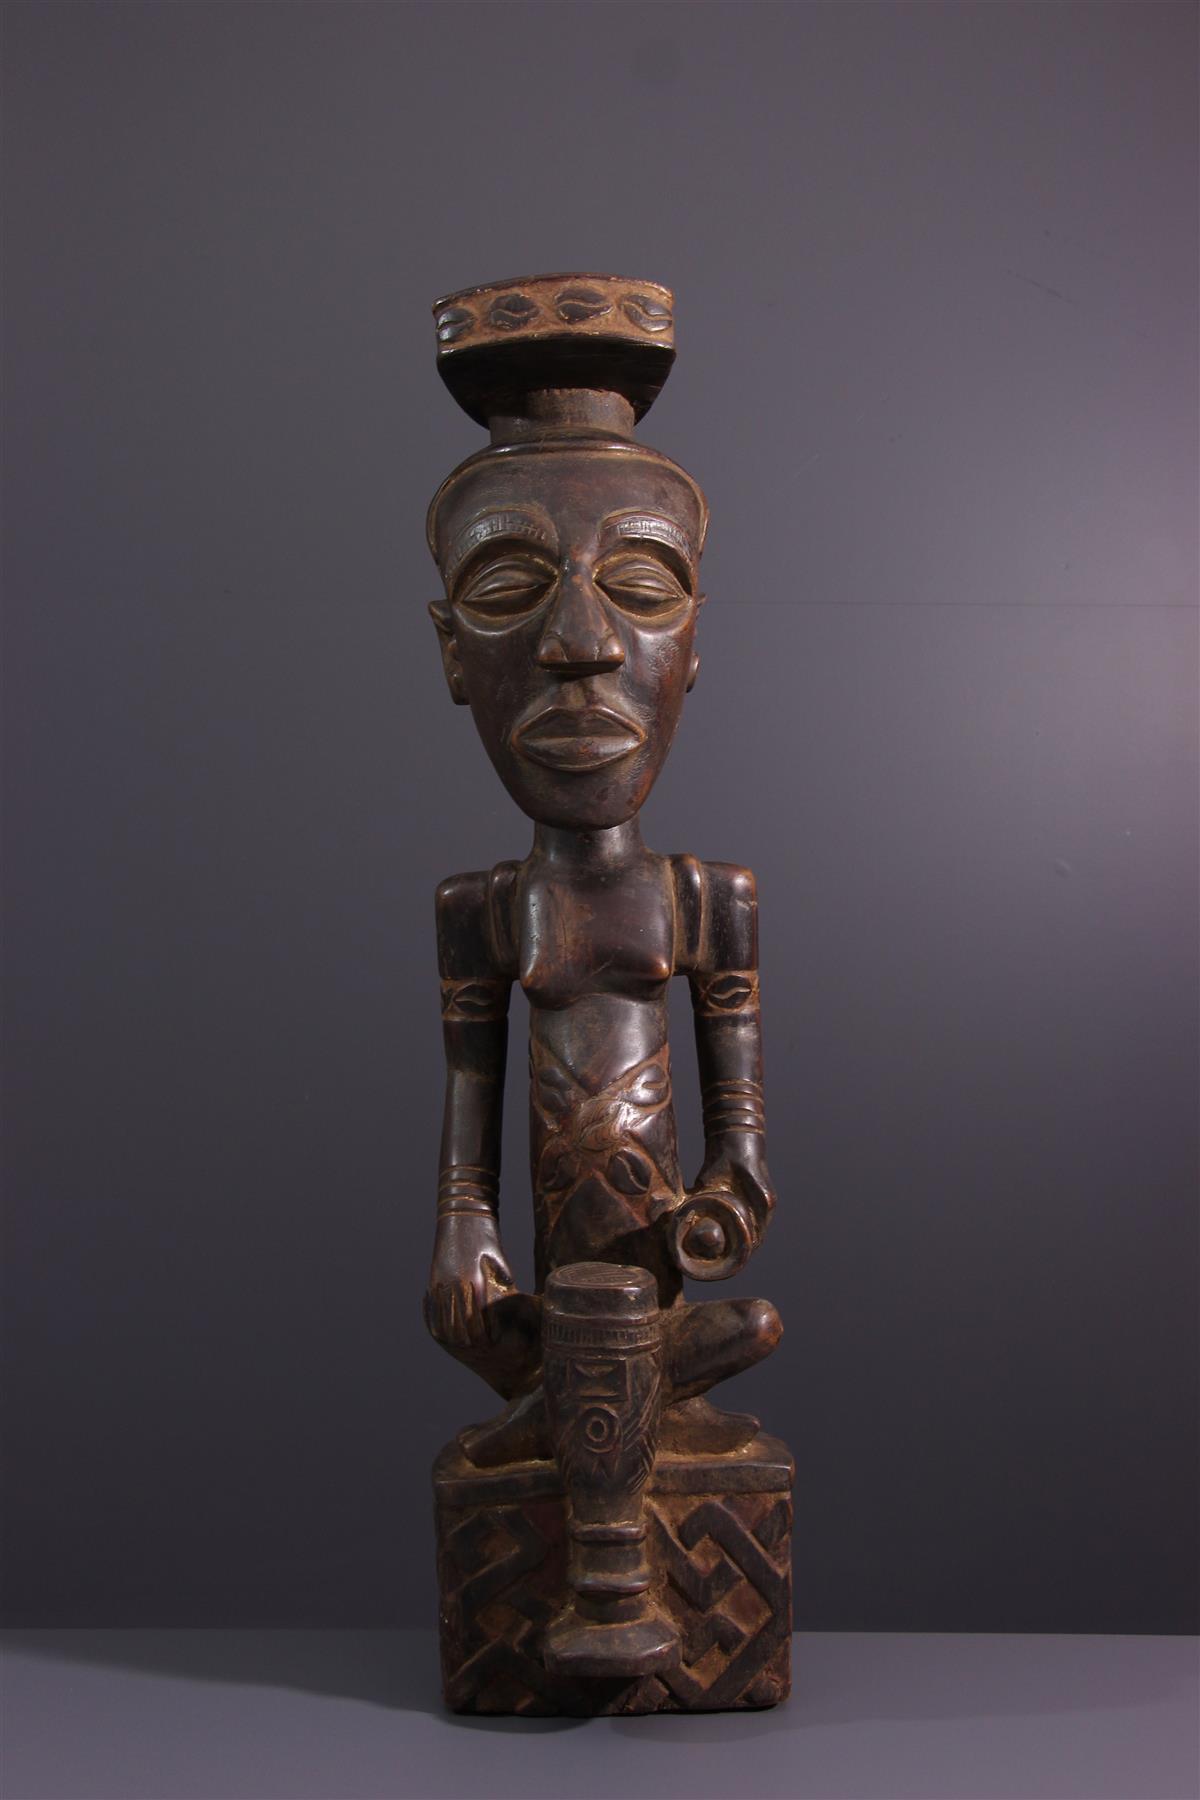 Statue of Cuba - African art